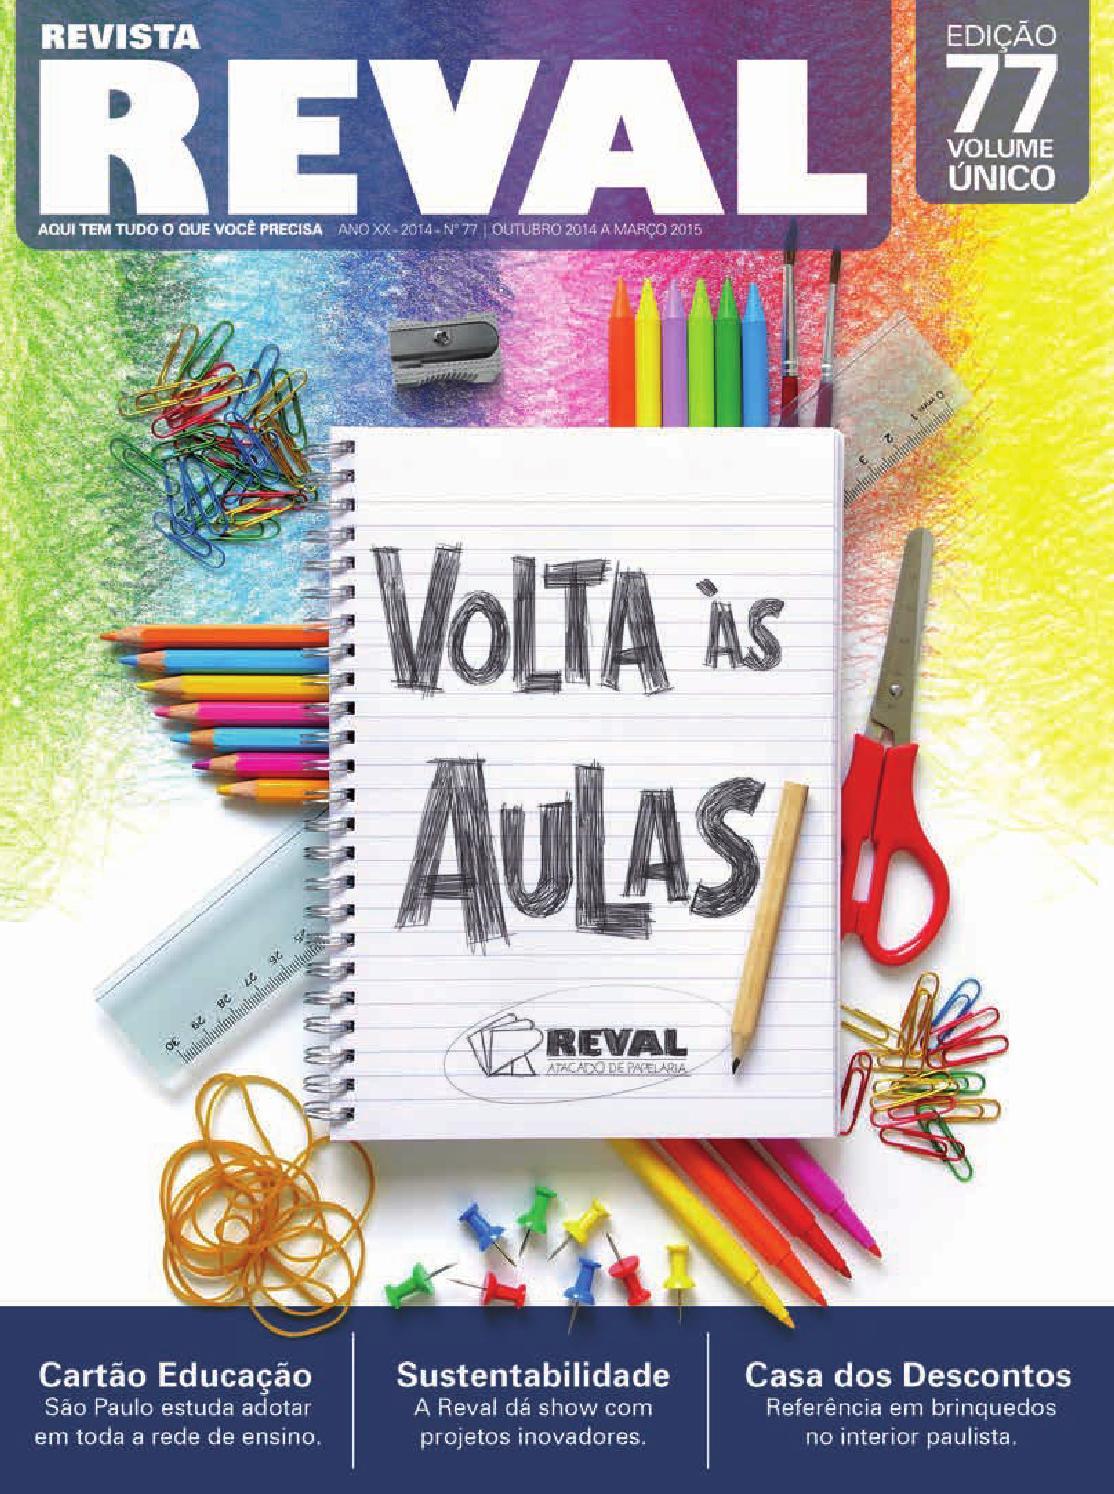 841683d307 Revista Reval 77 - Parte 01 by Reval Atacado de Papelaria Ltda. - issuu